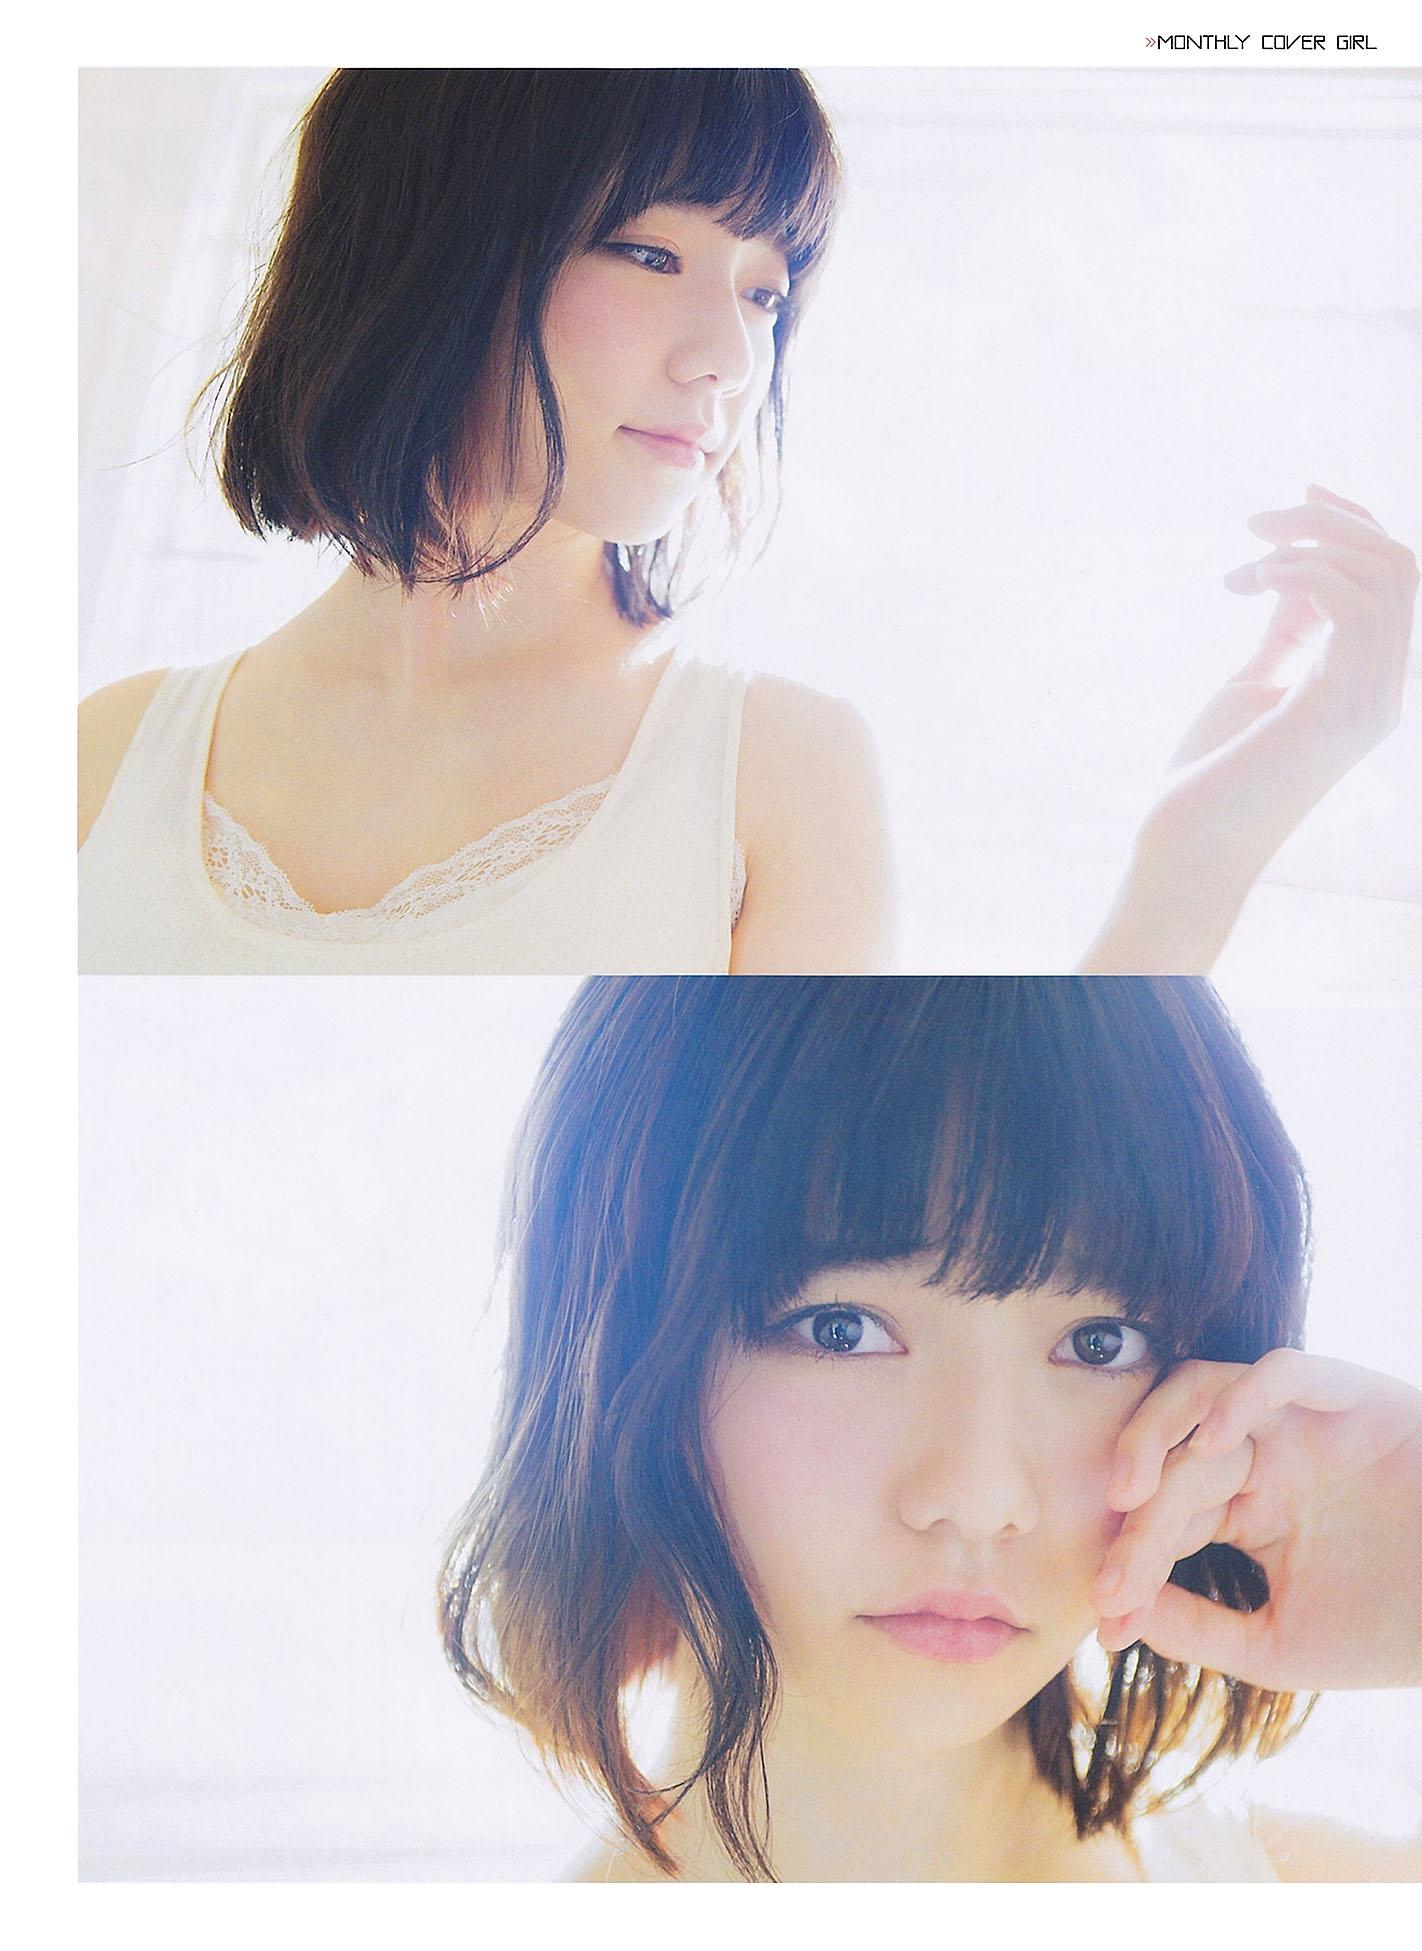 HShimazaki EnTame 1402 05.jpg